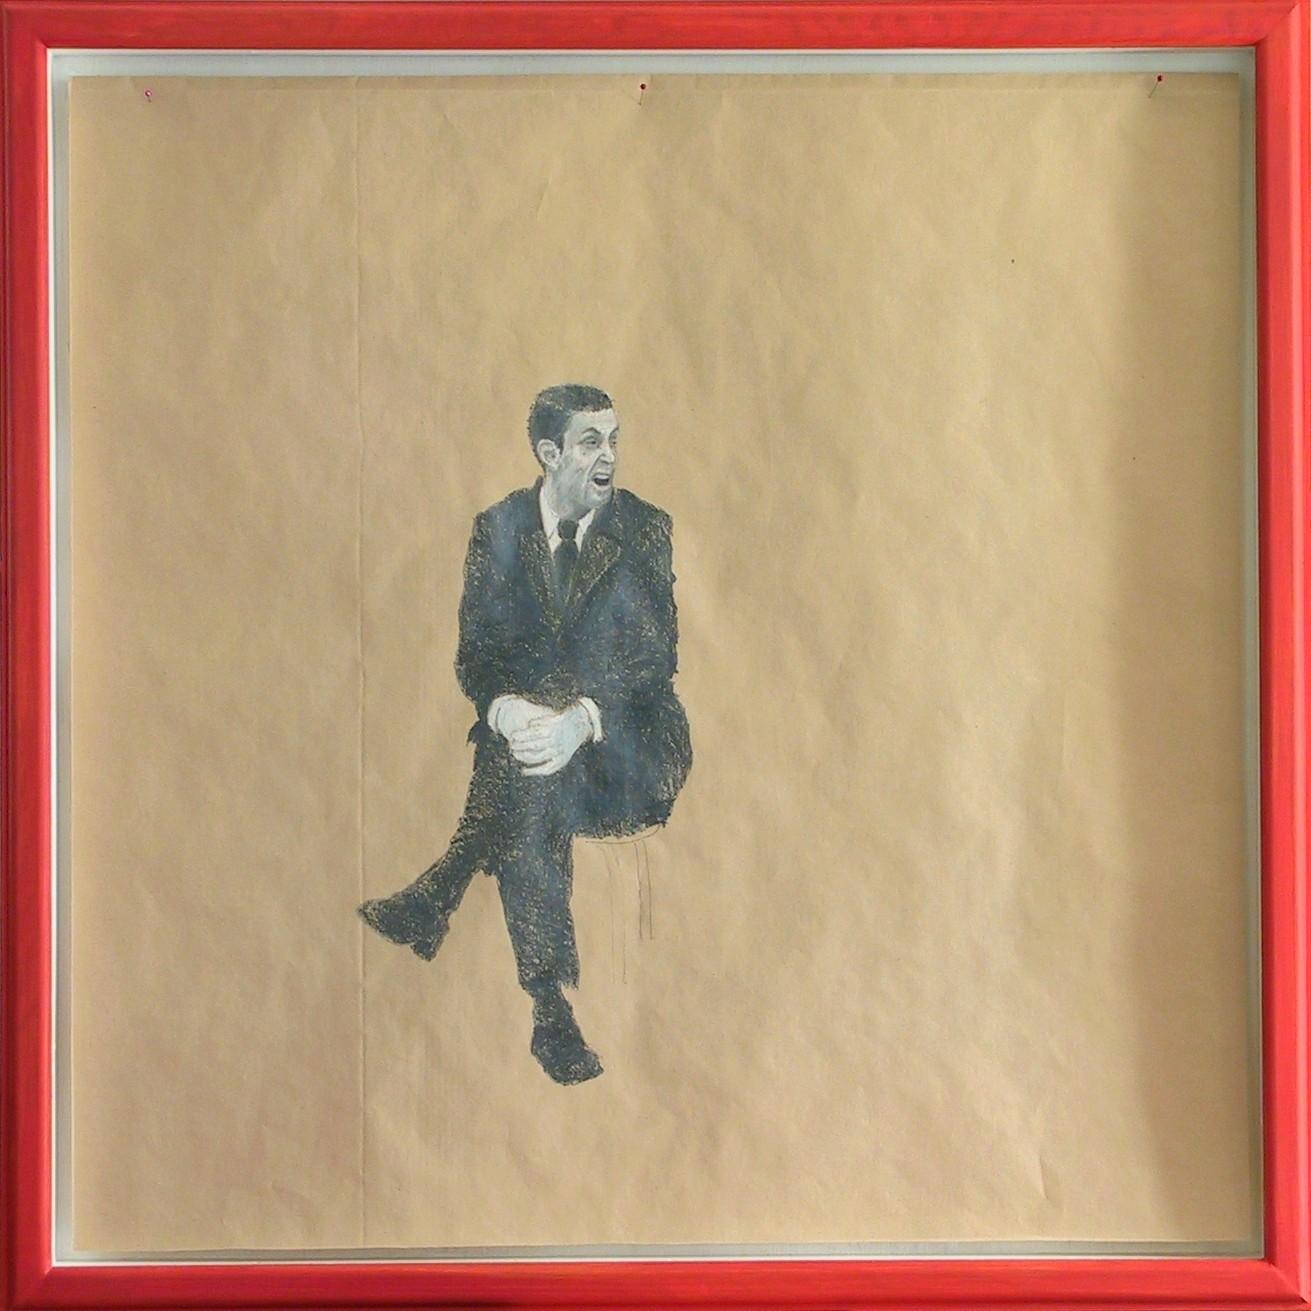 Jean-Yves Verne - Gentleman damnocrat - 3